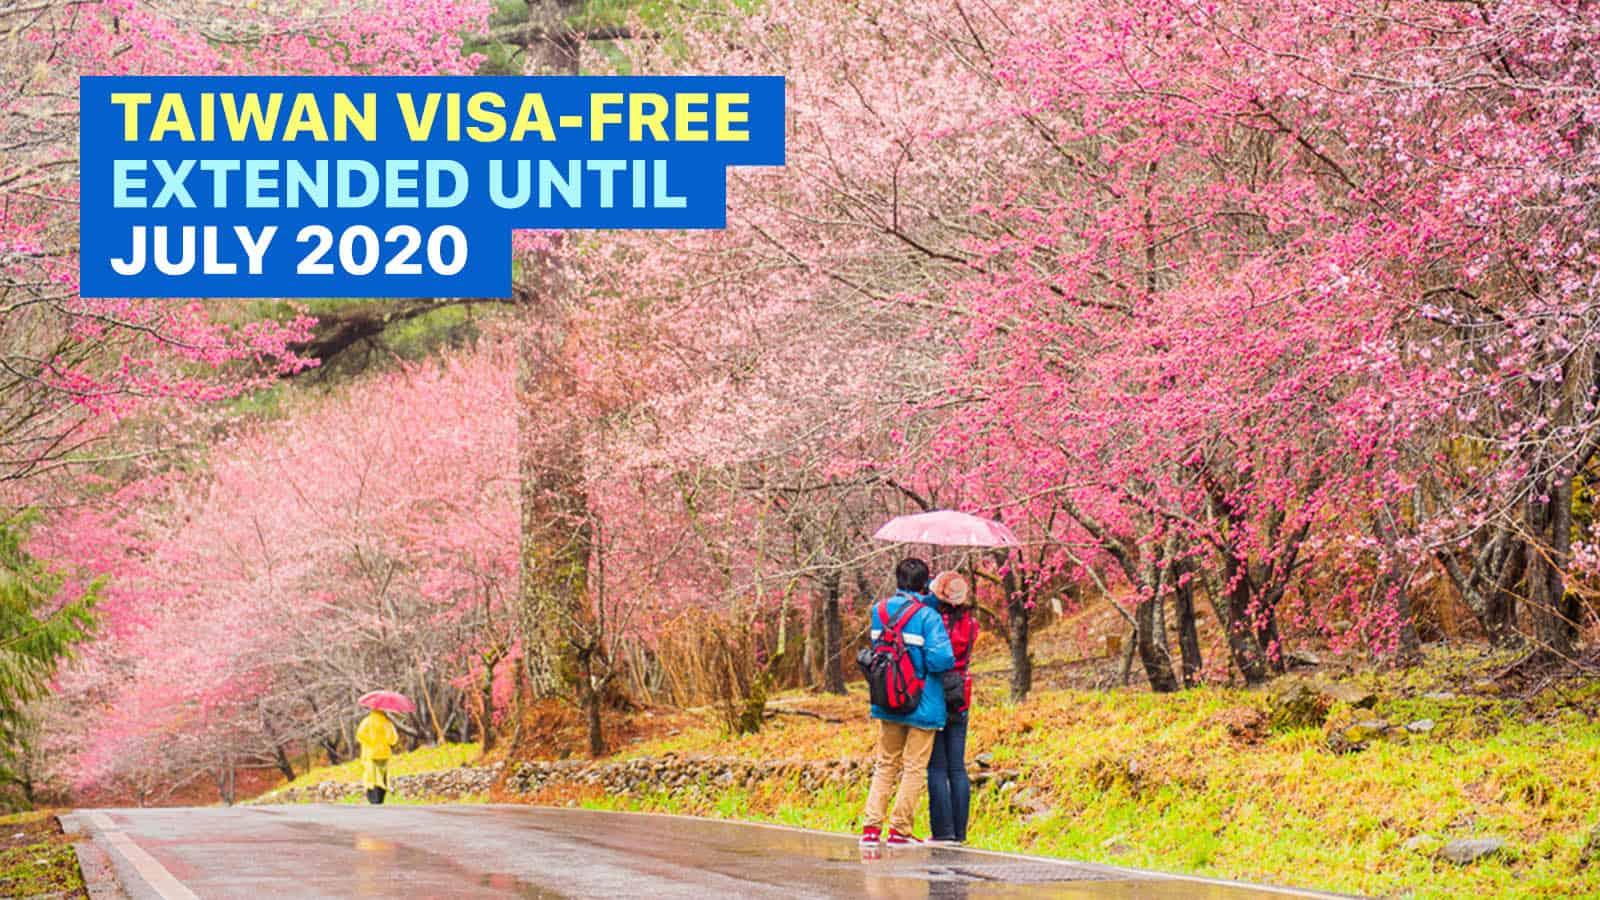 台湾免签证入境要求(至2020年7月)   穷游者行程博客